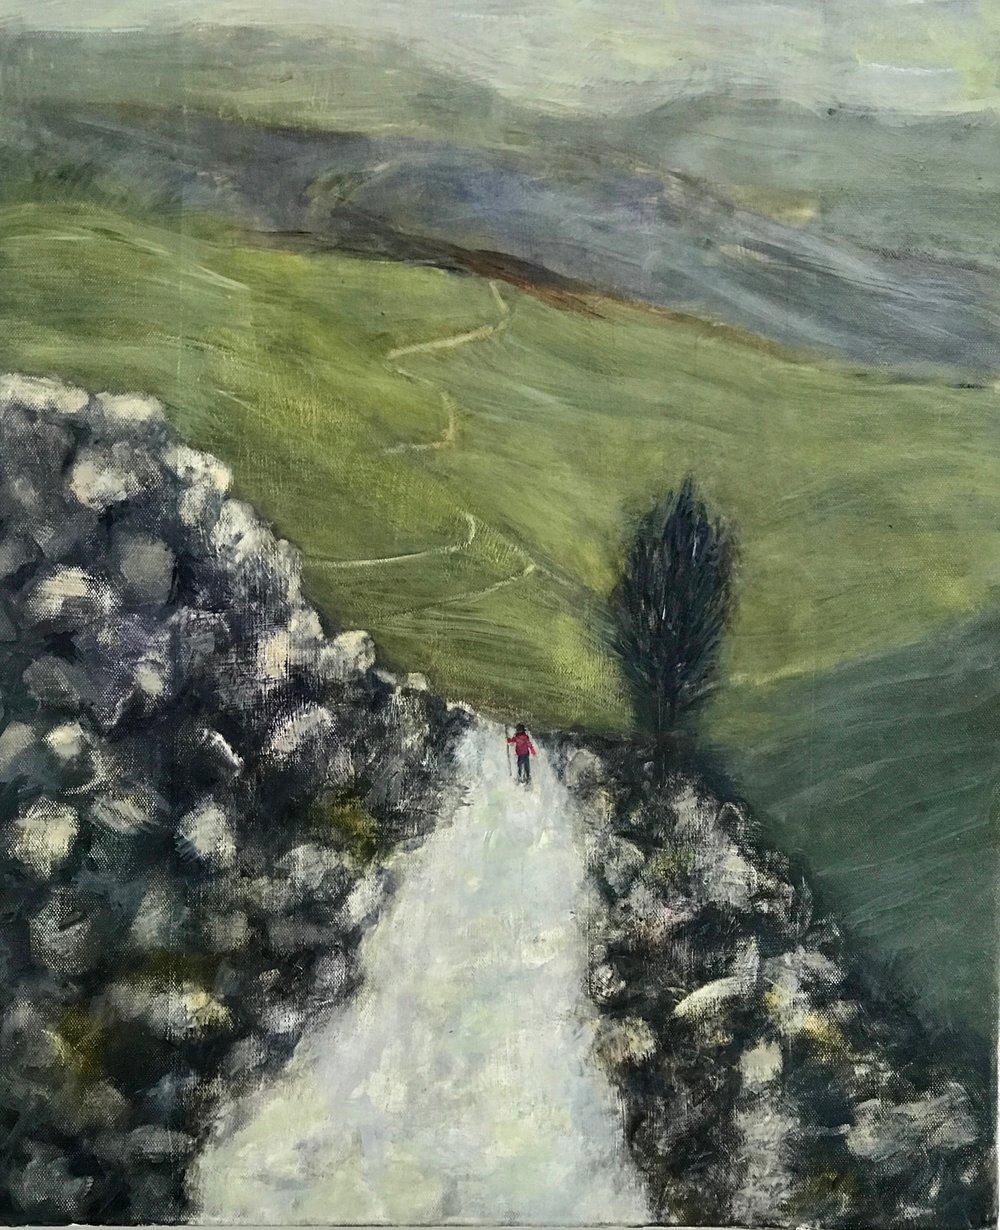 Wendy-Castleden-Vast-Oil-on-Canvas-61cm-x-51cm-x-4cm-IMG_1850.jpg